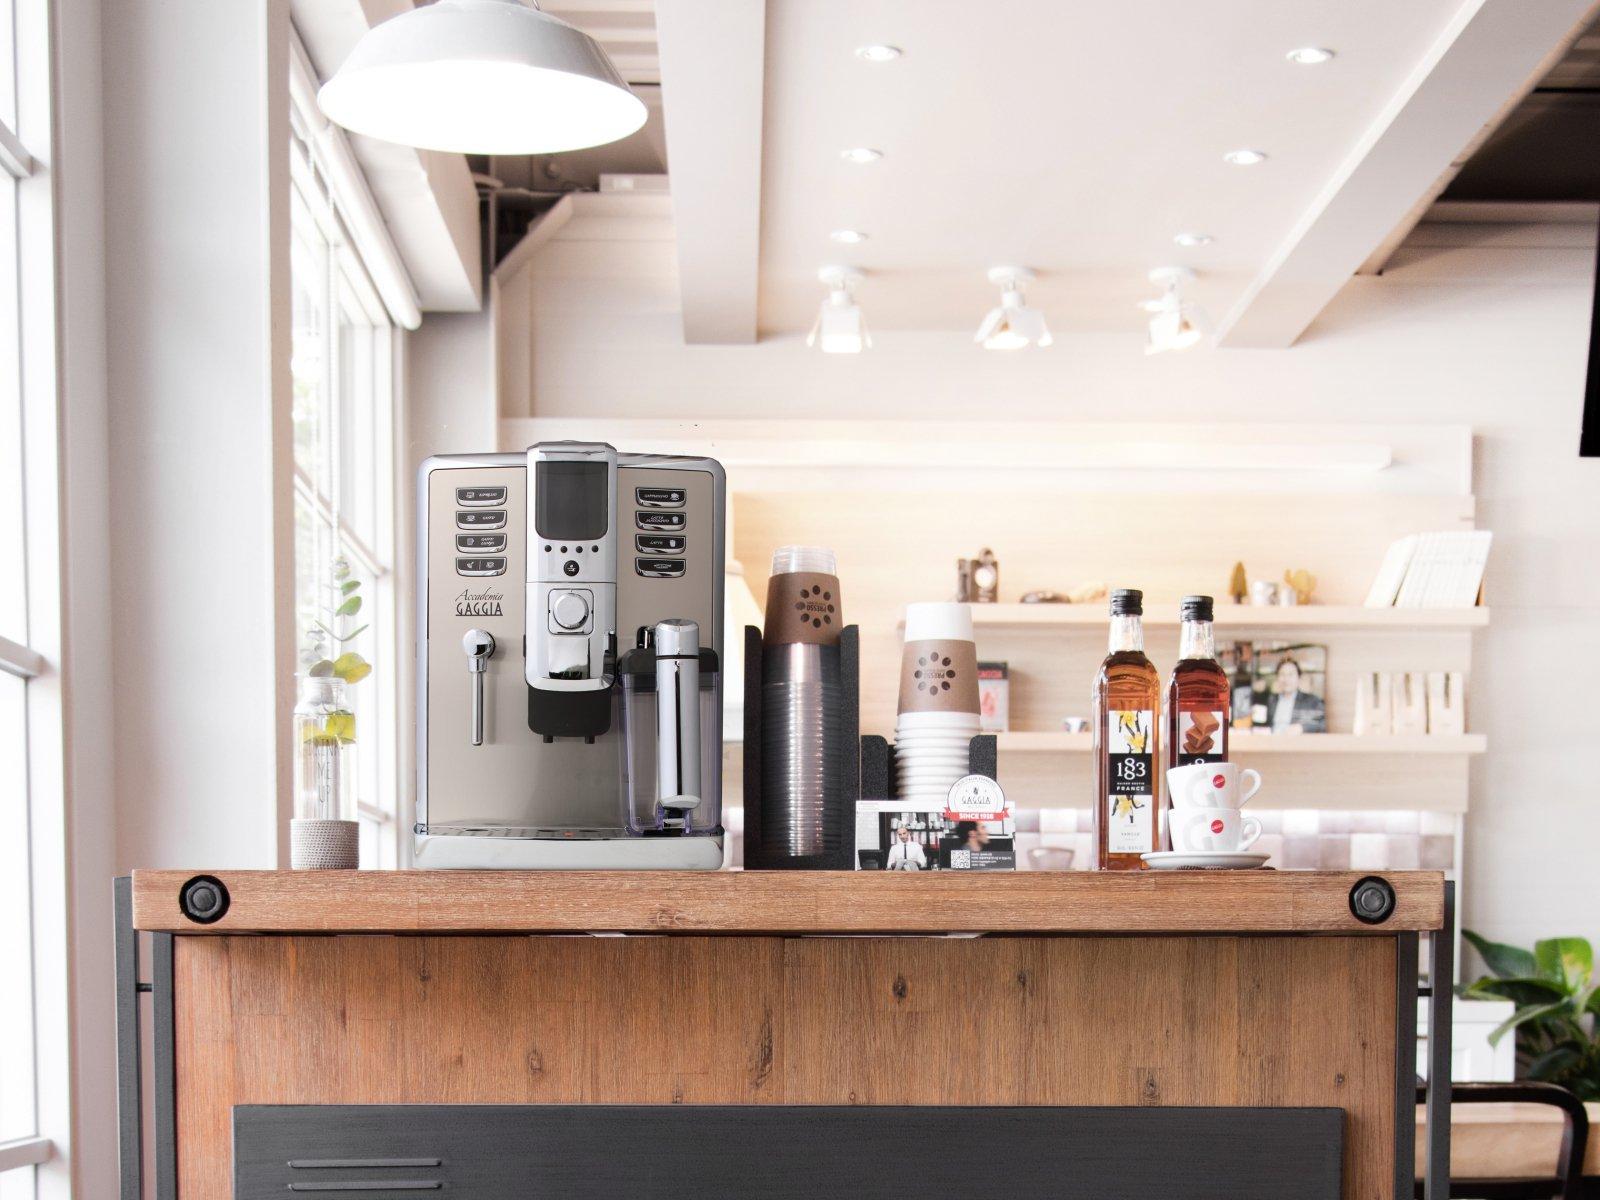 GAGGIA ガジア 全自動コーヒーマシン Accademia アカデミア